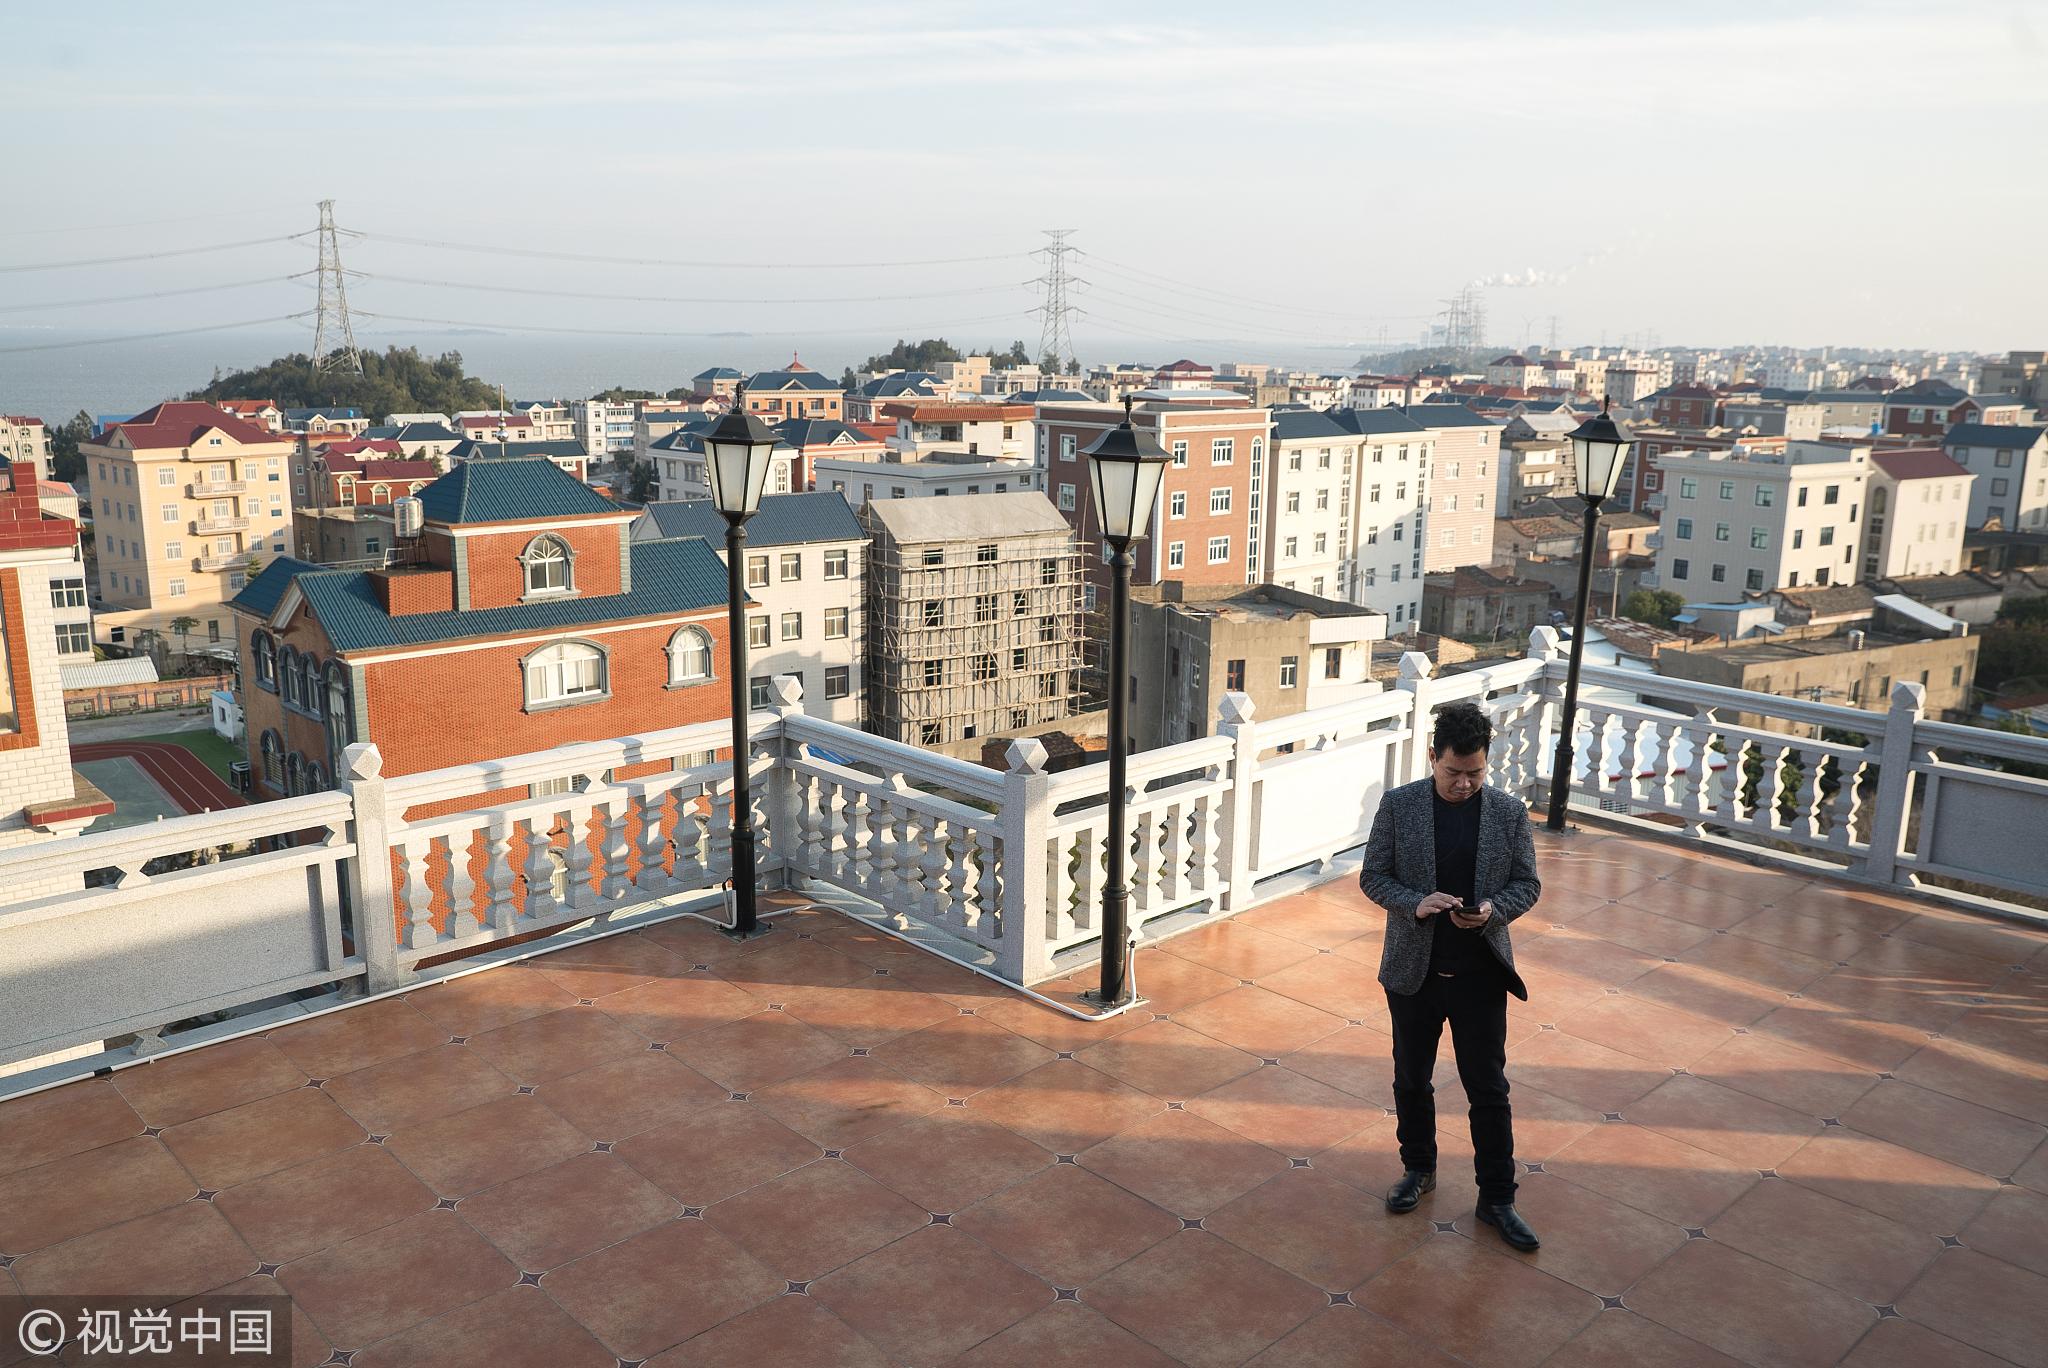 博兴县地球村航拍图二 _正版商业图片_昵图网nipic.com